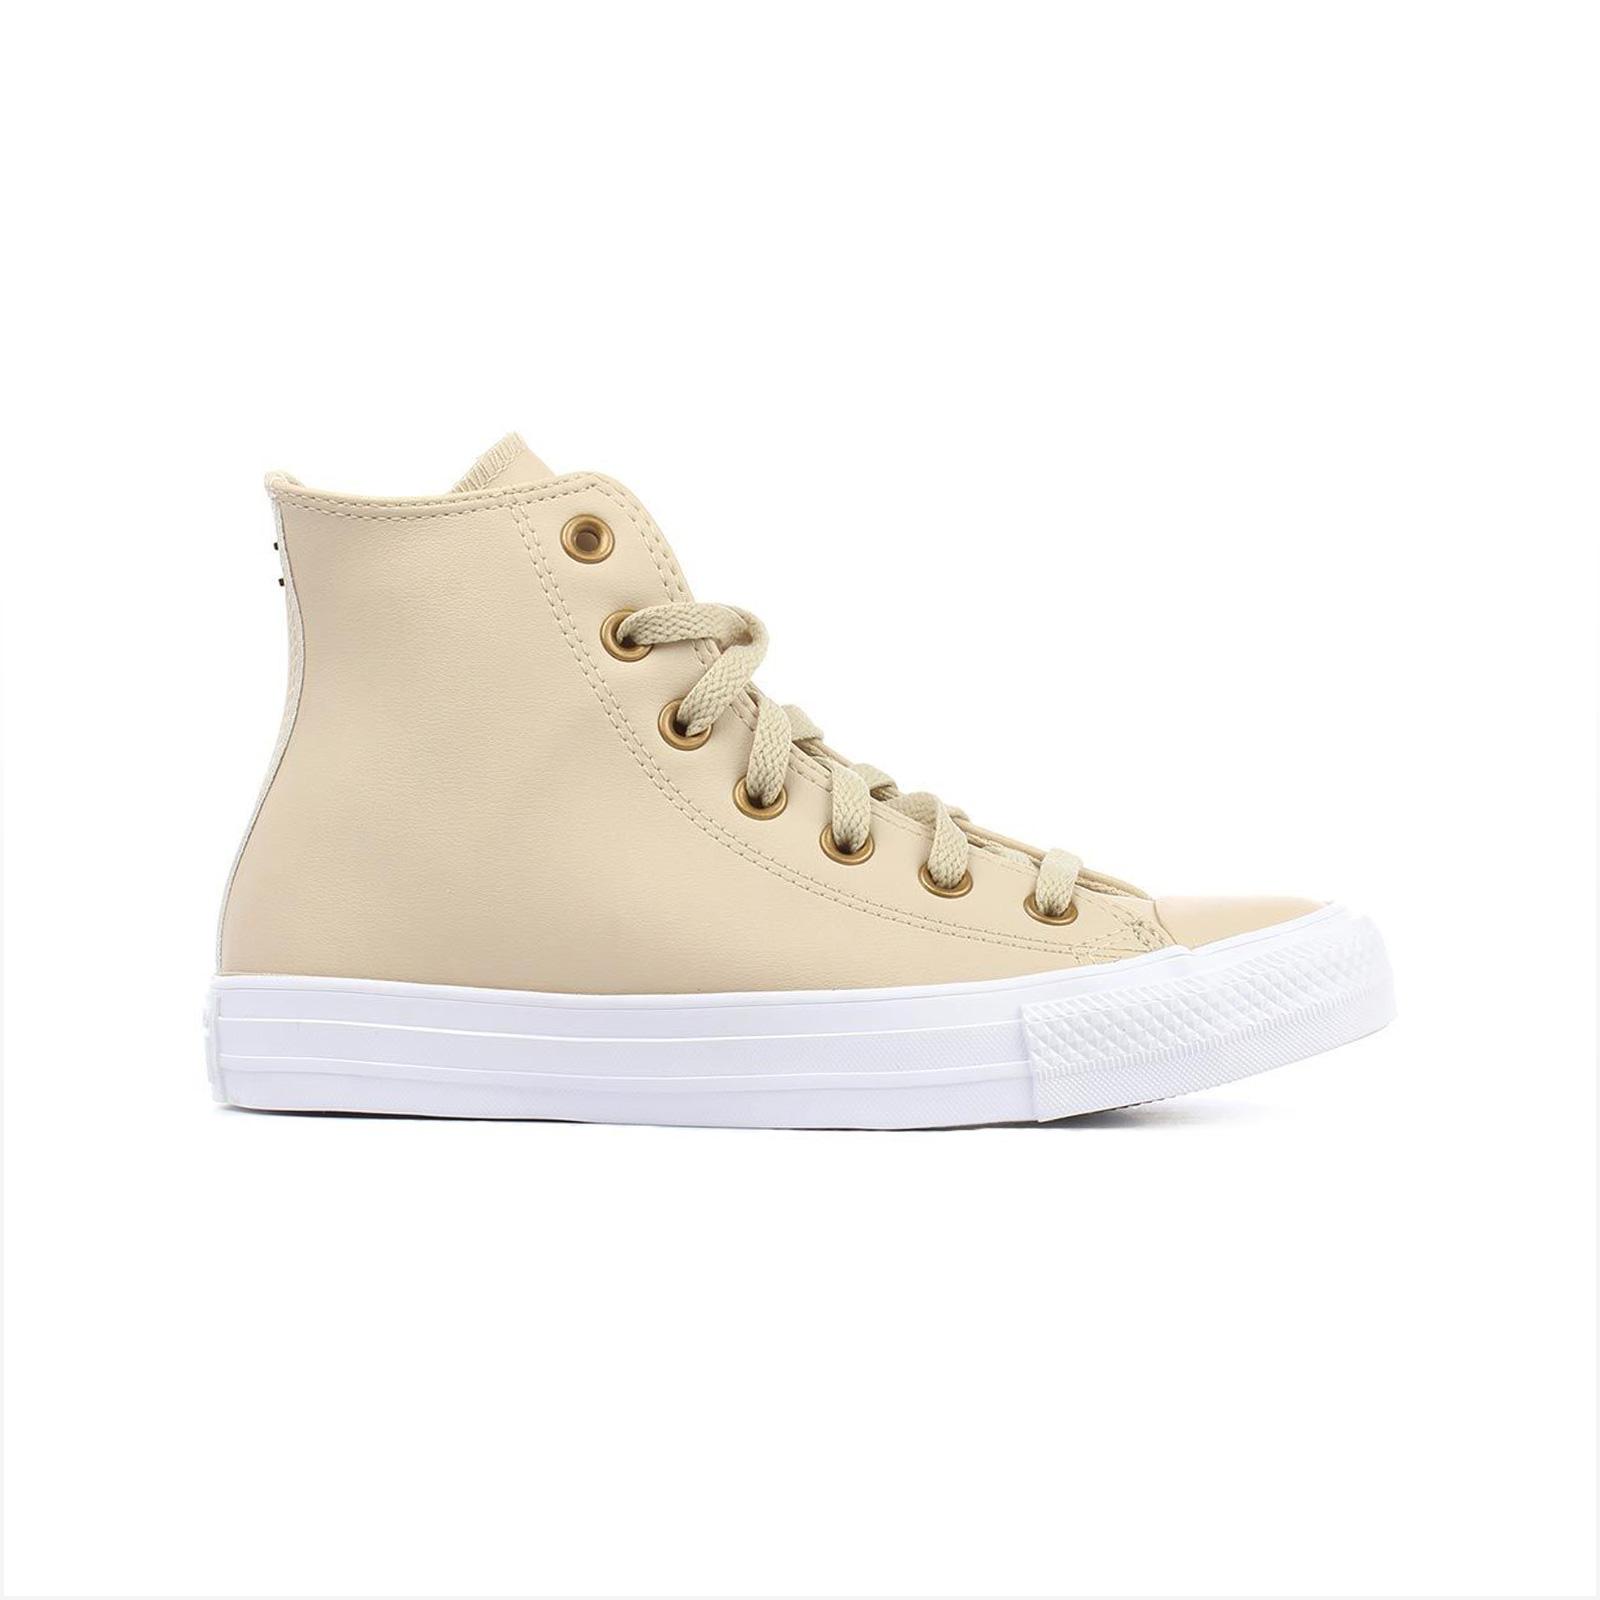 Converse - CHUCK TAYLOR ALL STAR - 275-FARRO/GOLD/WHITE